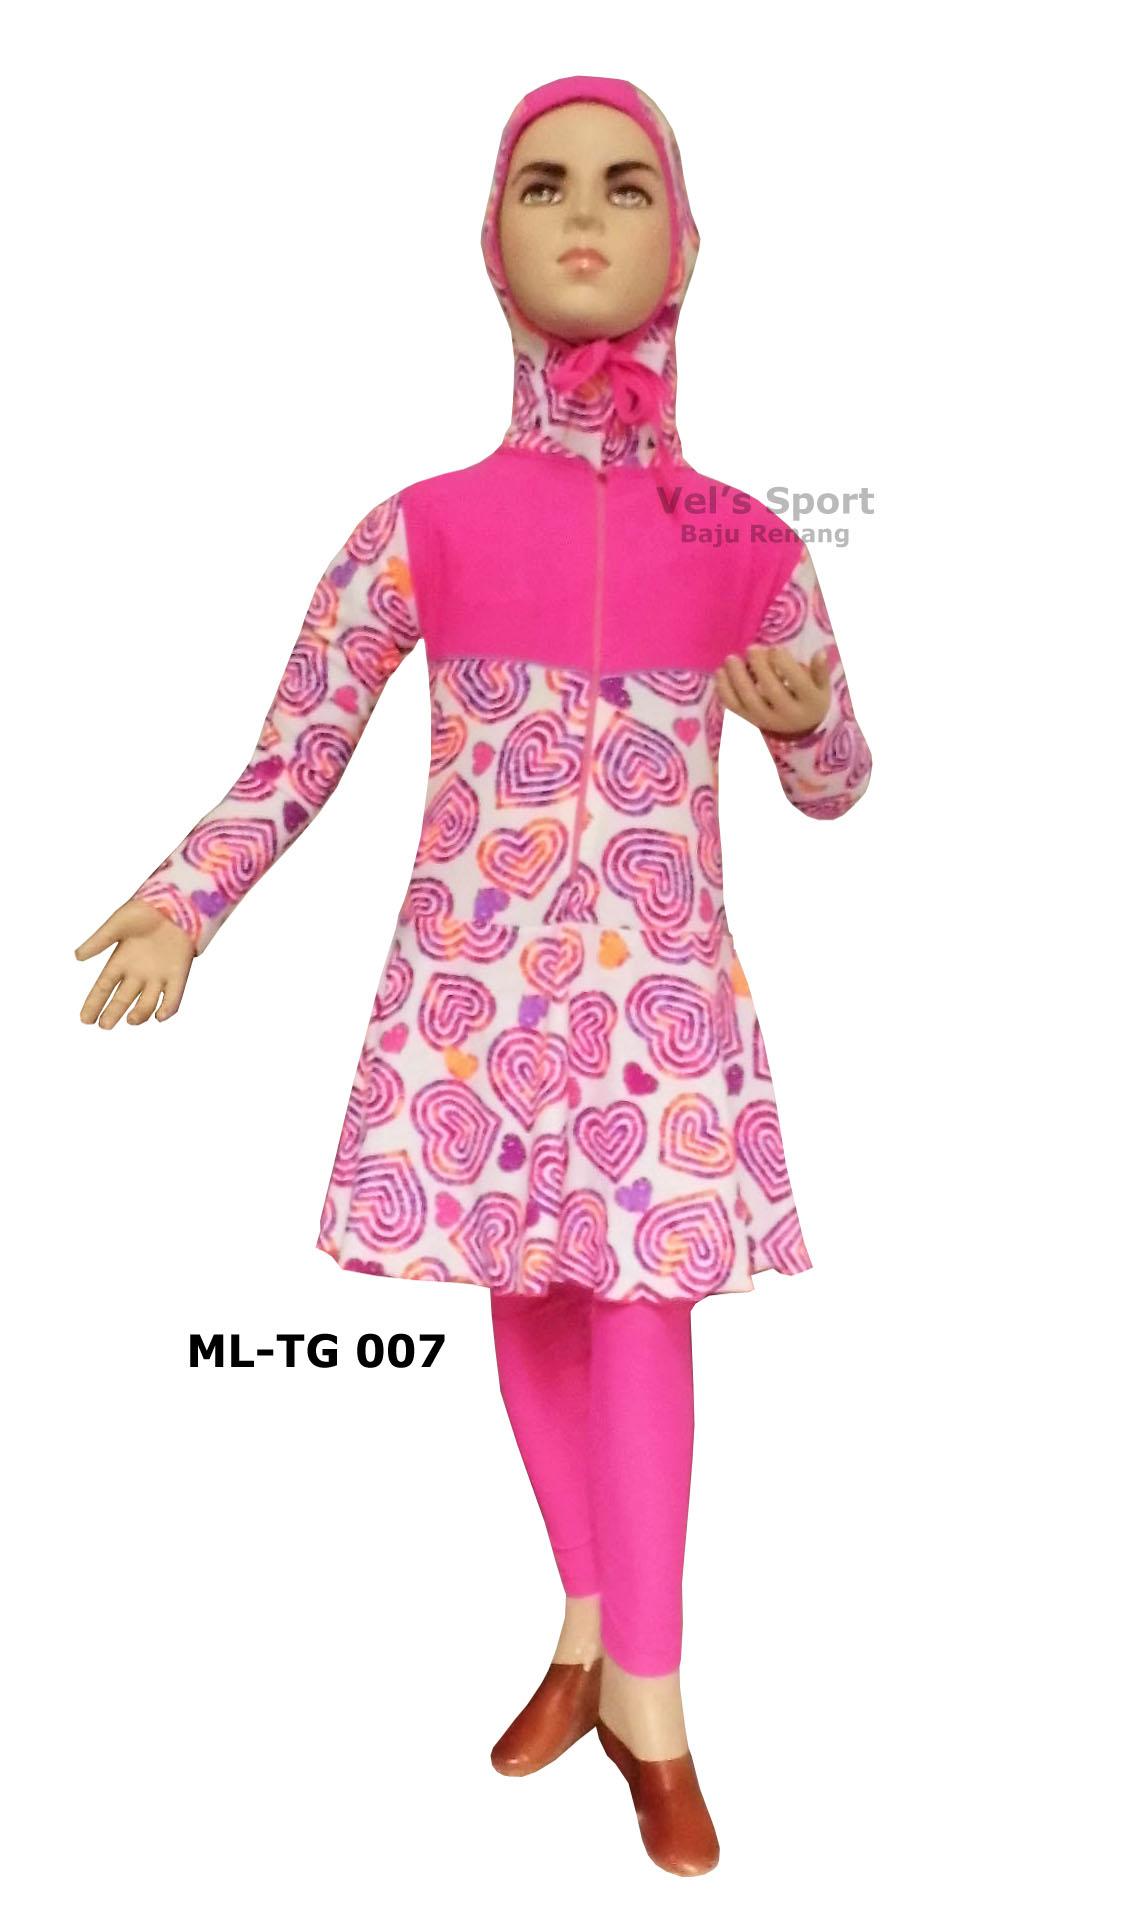 Toko Online Baju Anak